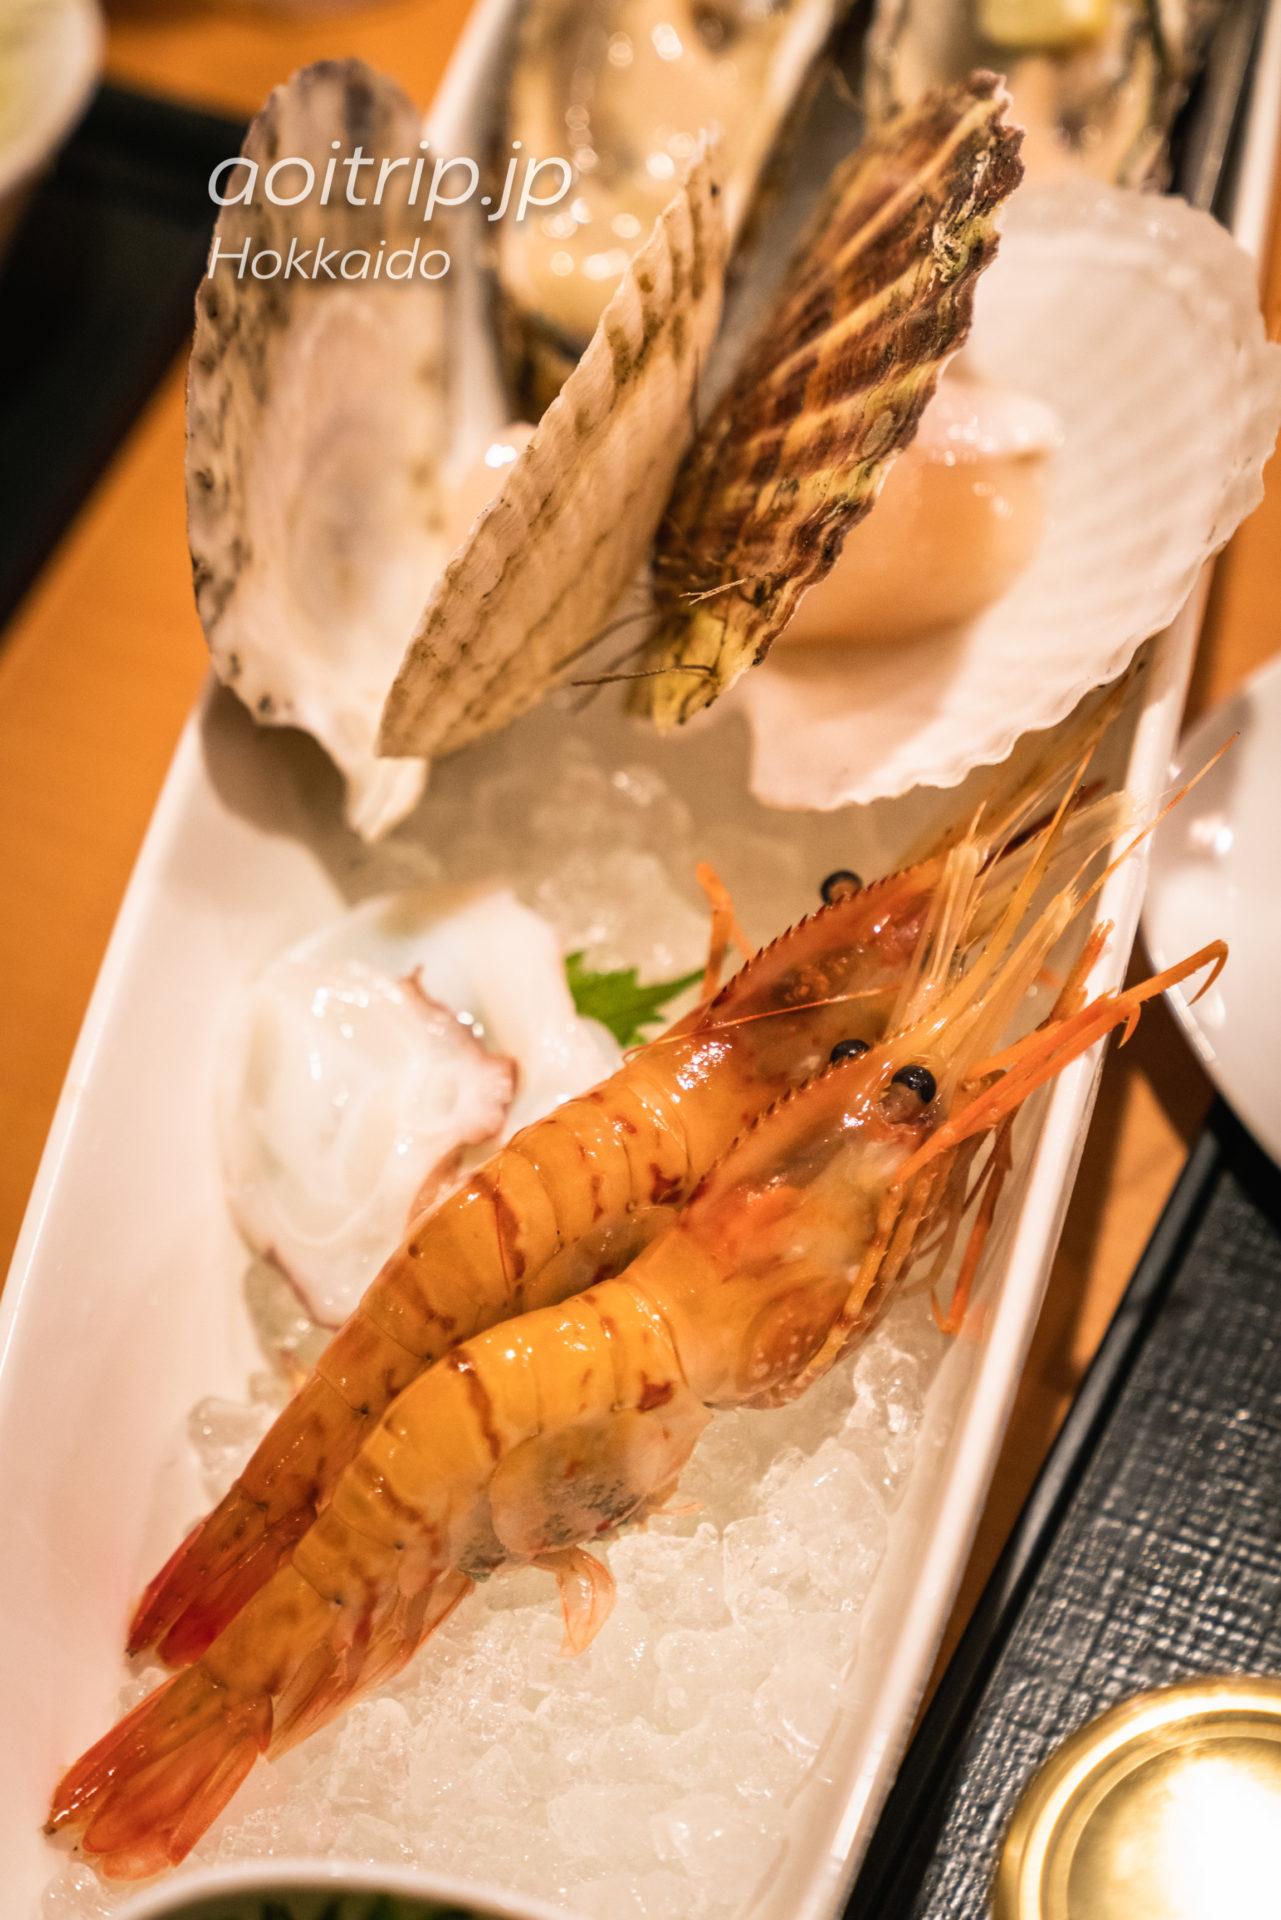 サロマ湖 鶴雅リゾートの海鮮盛り合わせ